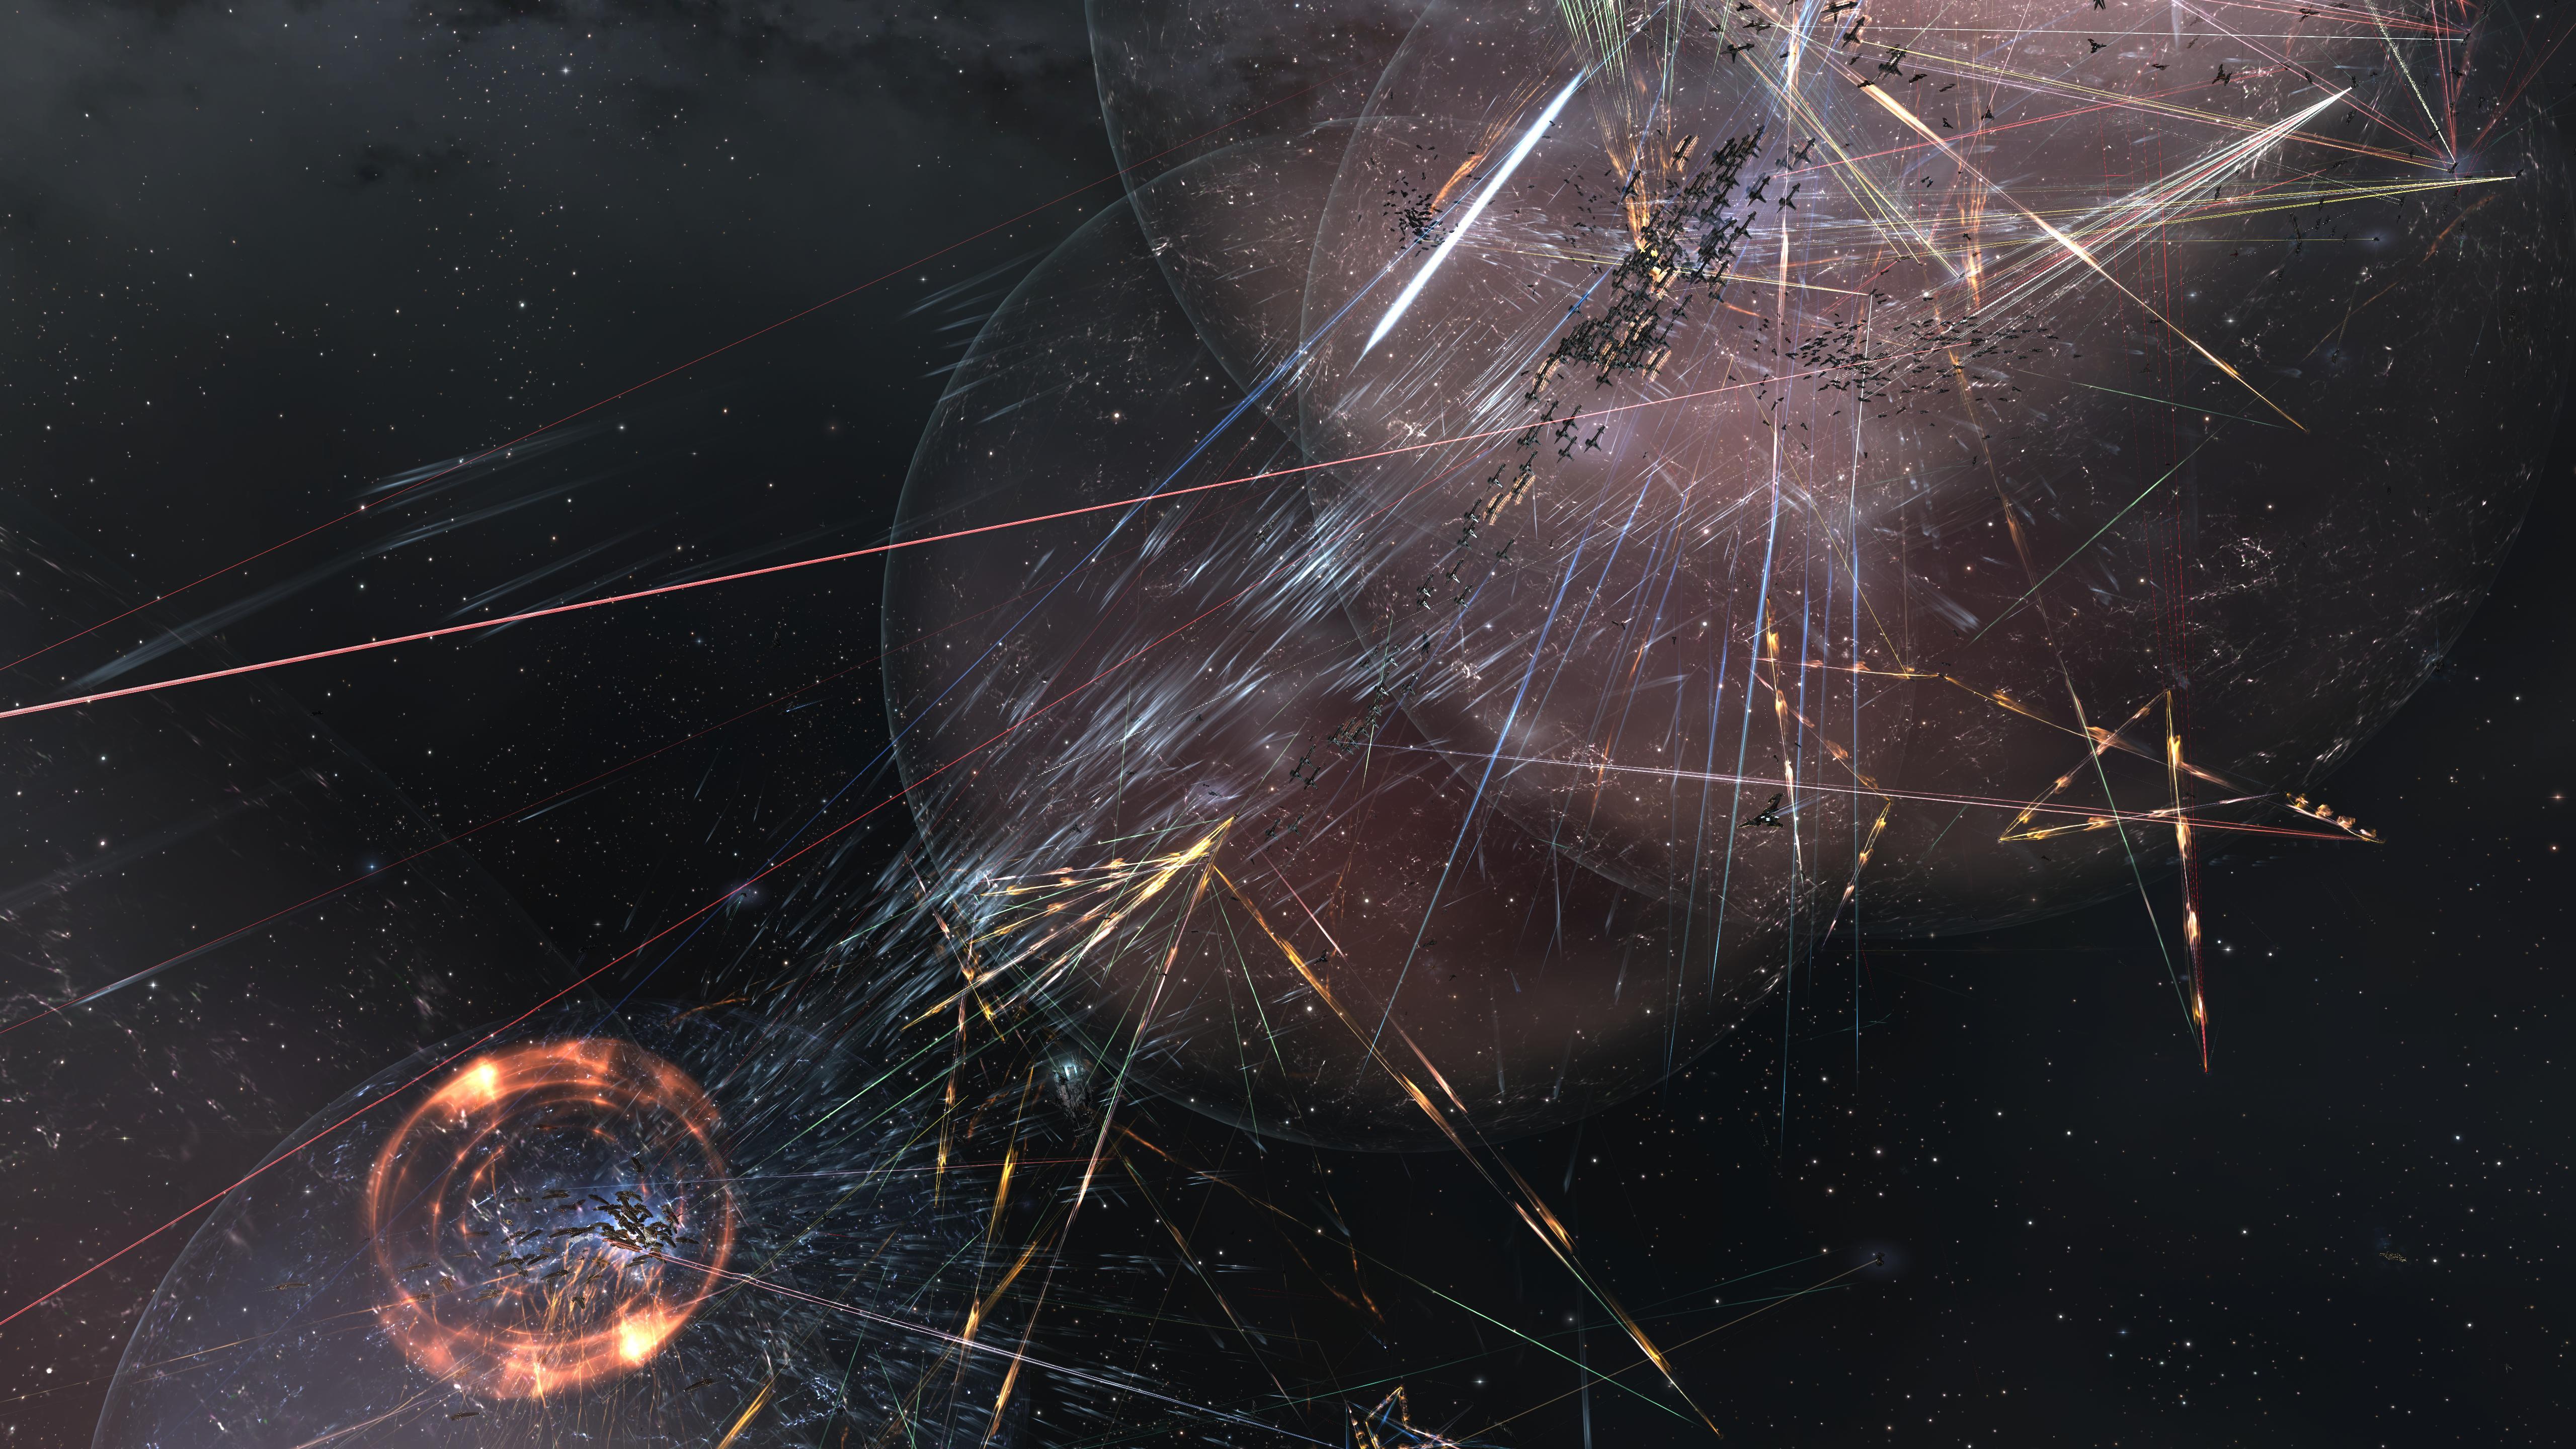 Участники глобального конфликта в EVE Online объявили рождественское перемирие